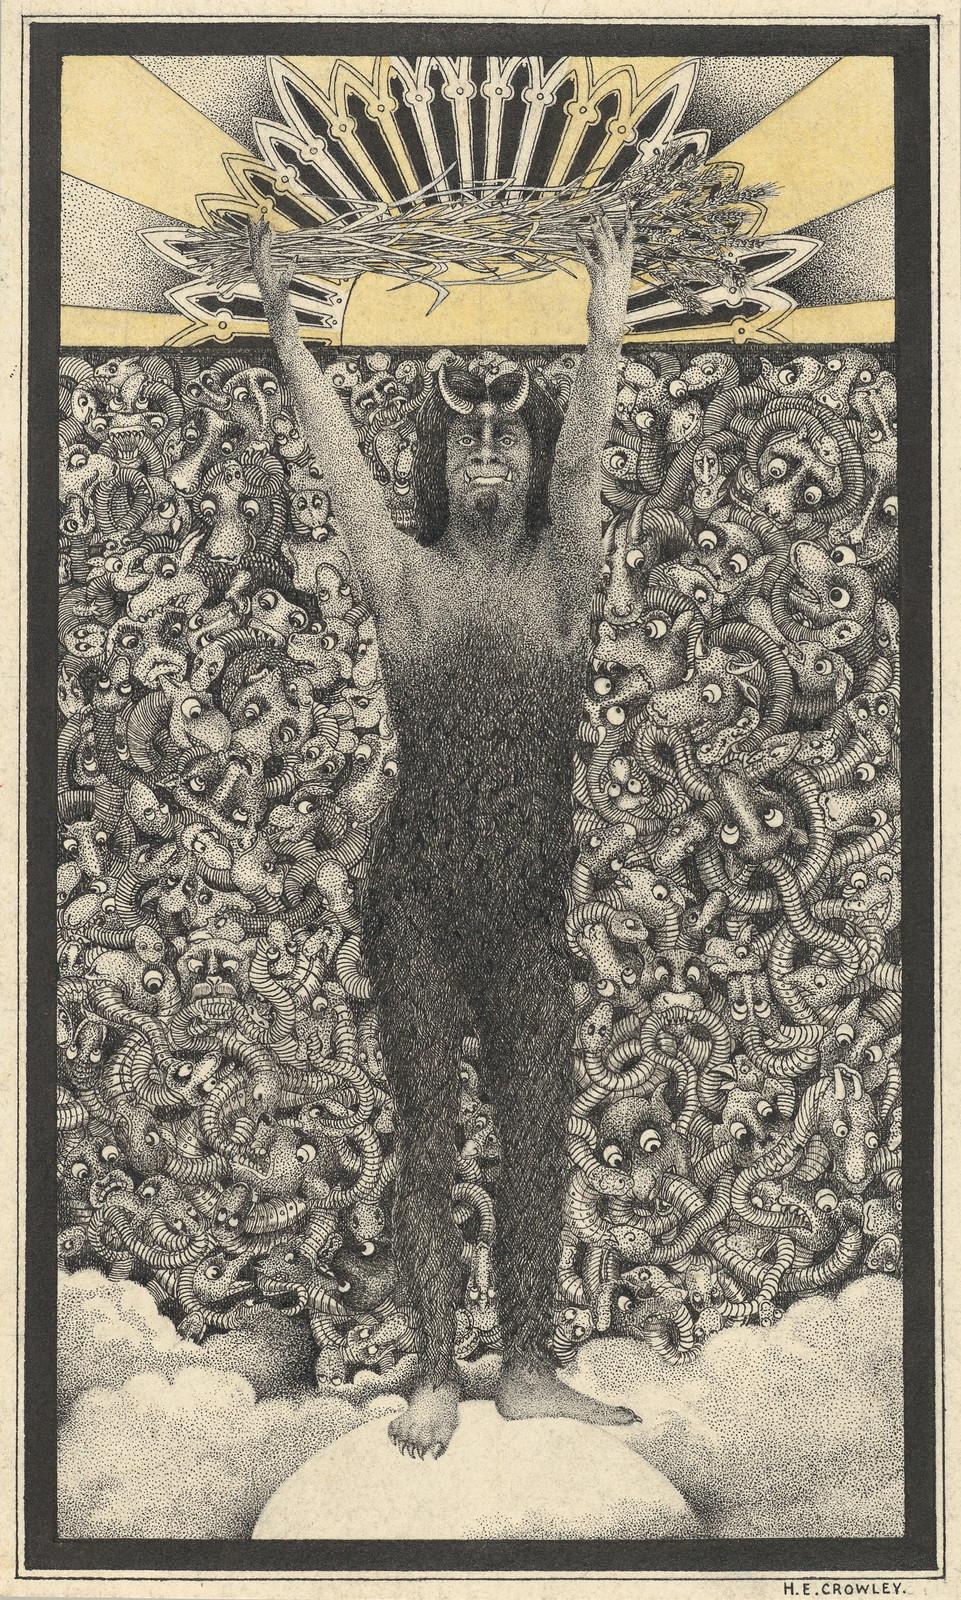 Herbert E. Crowley - Rye, 1911